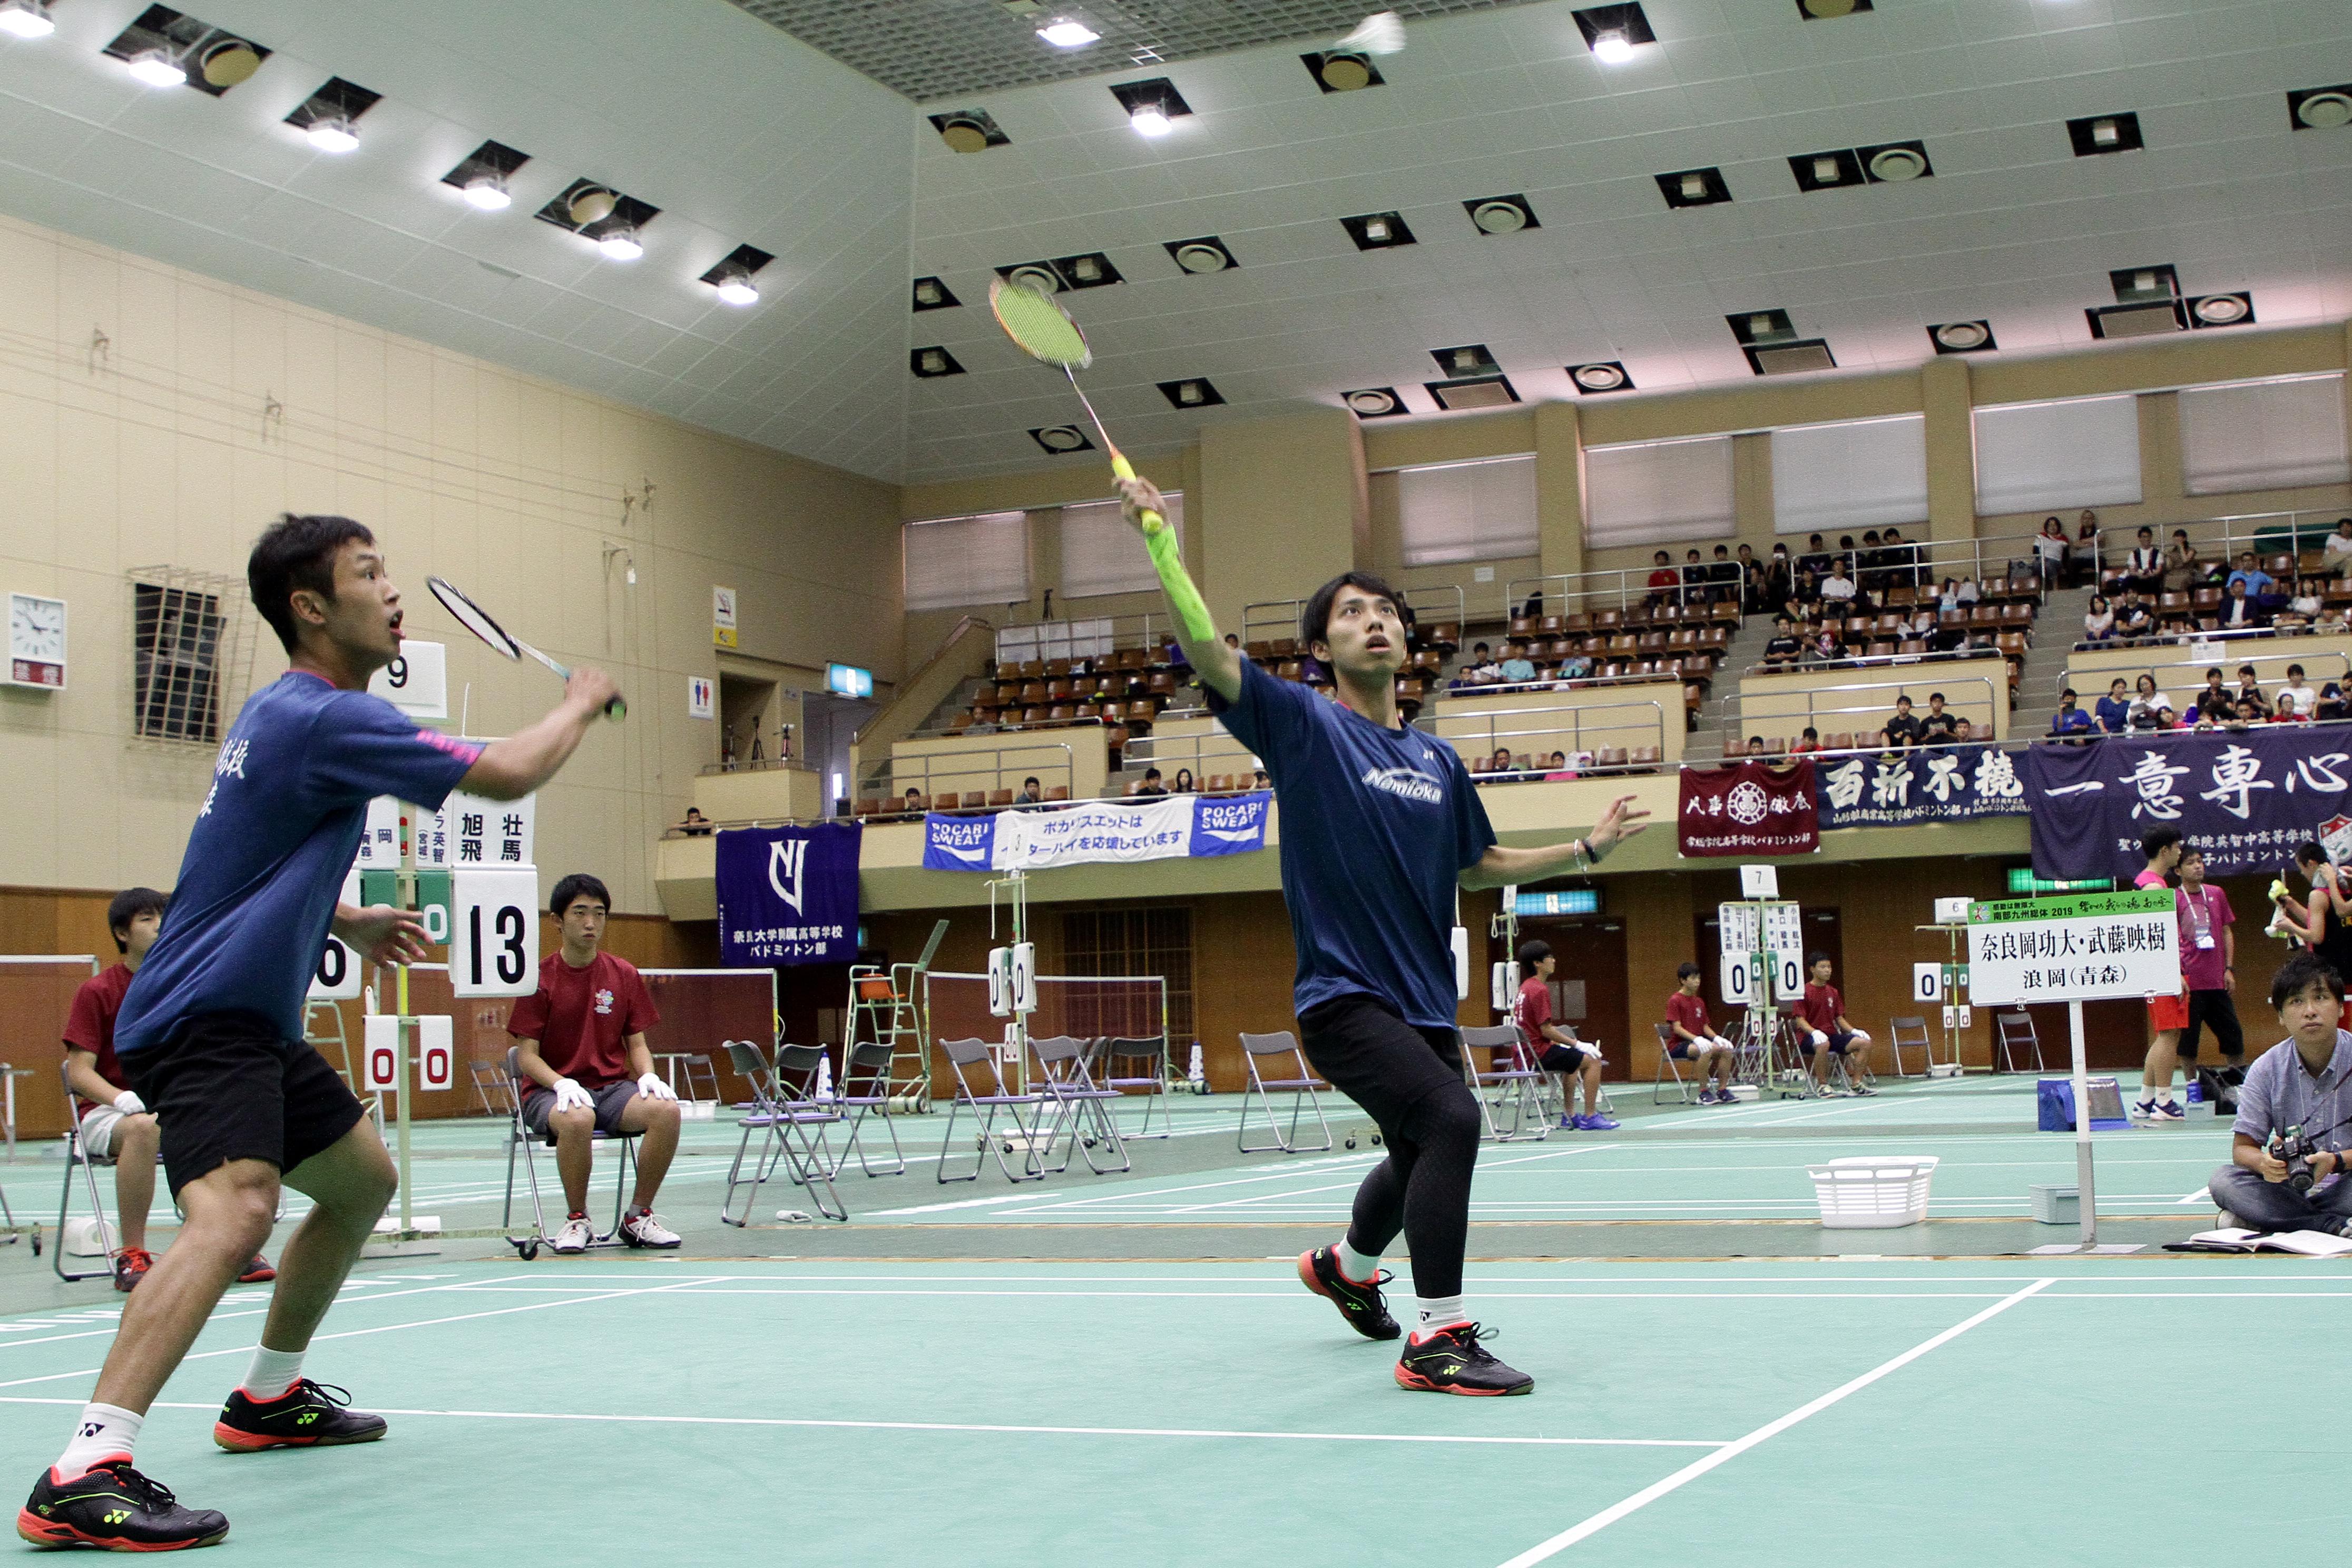 4強入りを決めた奈良岡と武藤【写真:平野貴也】